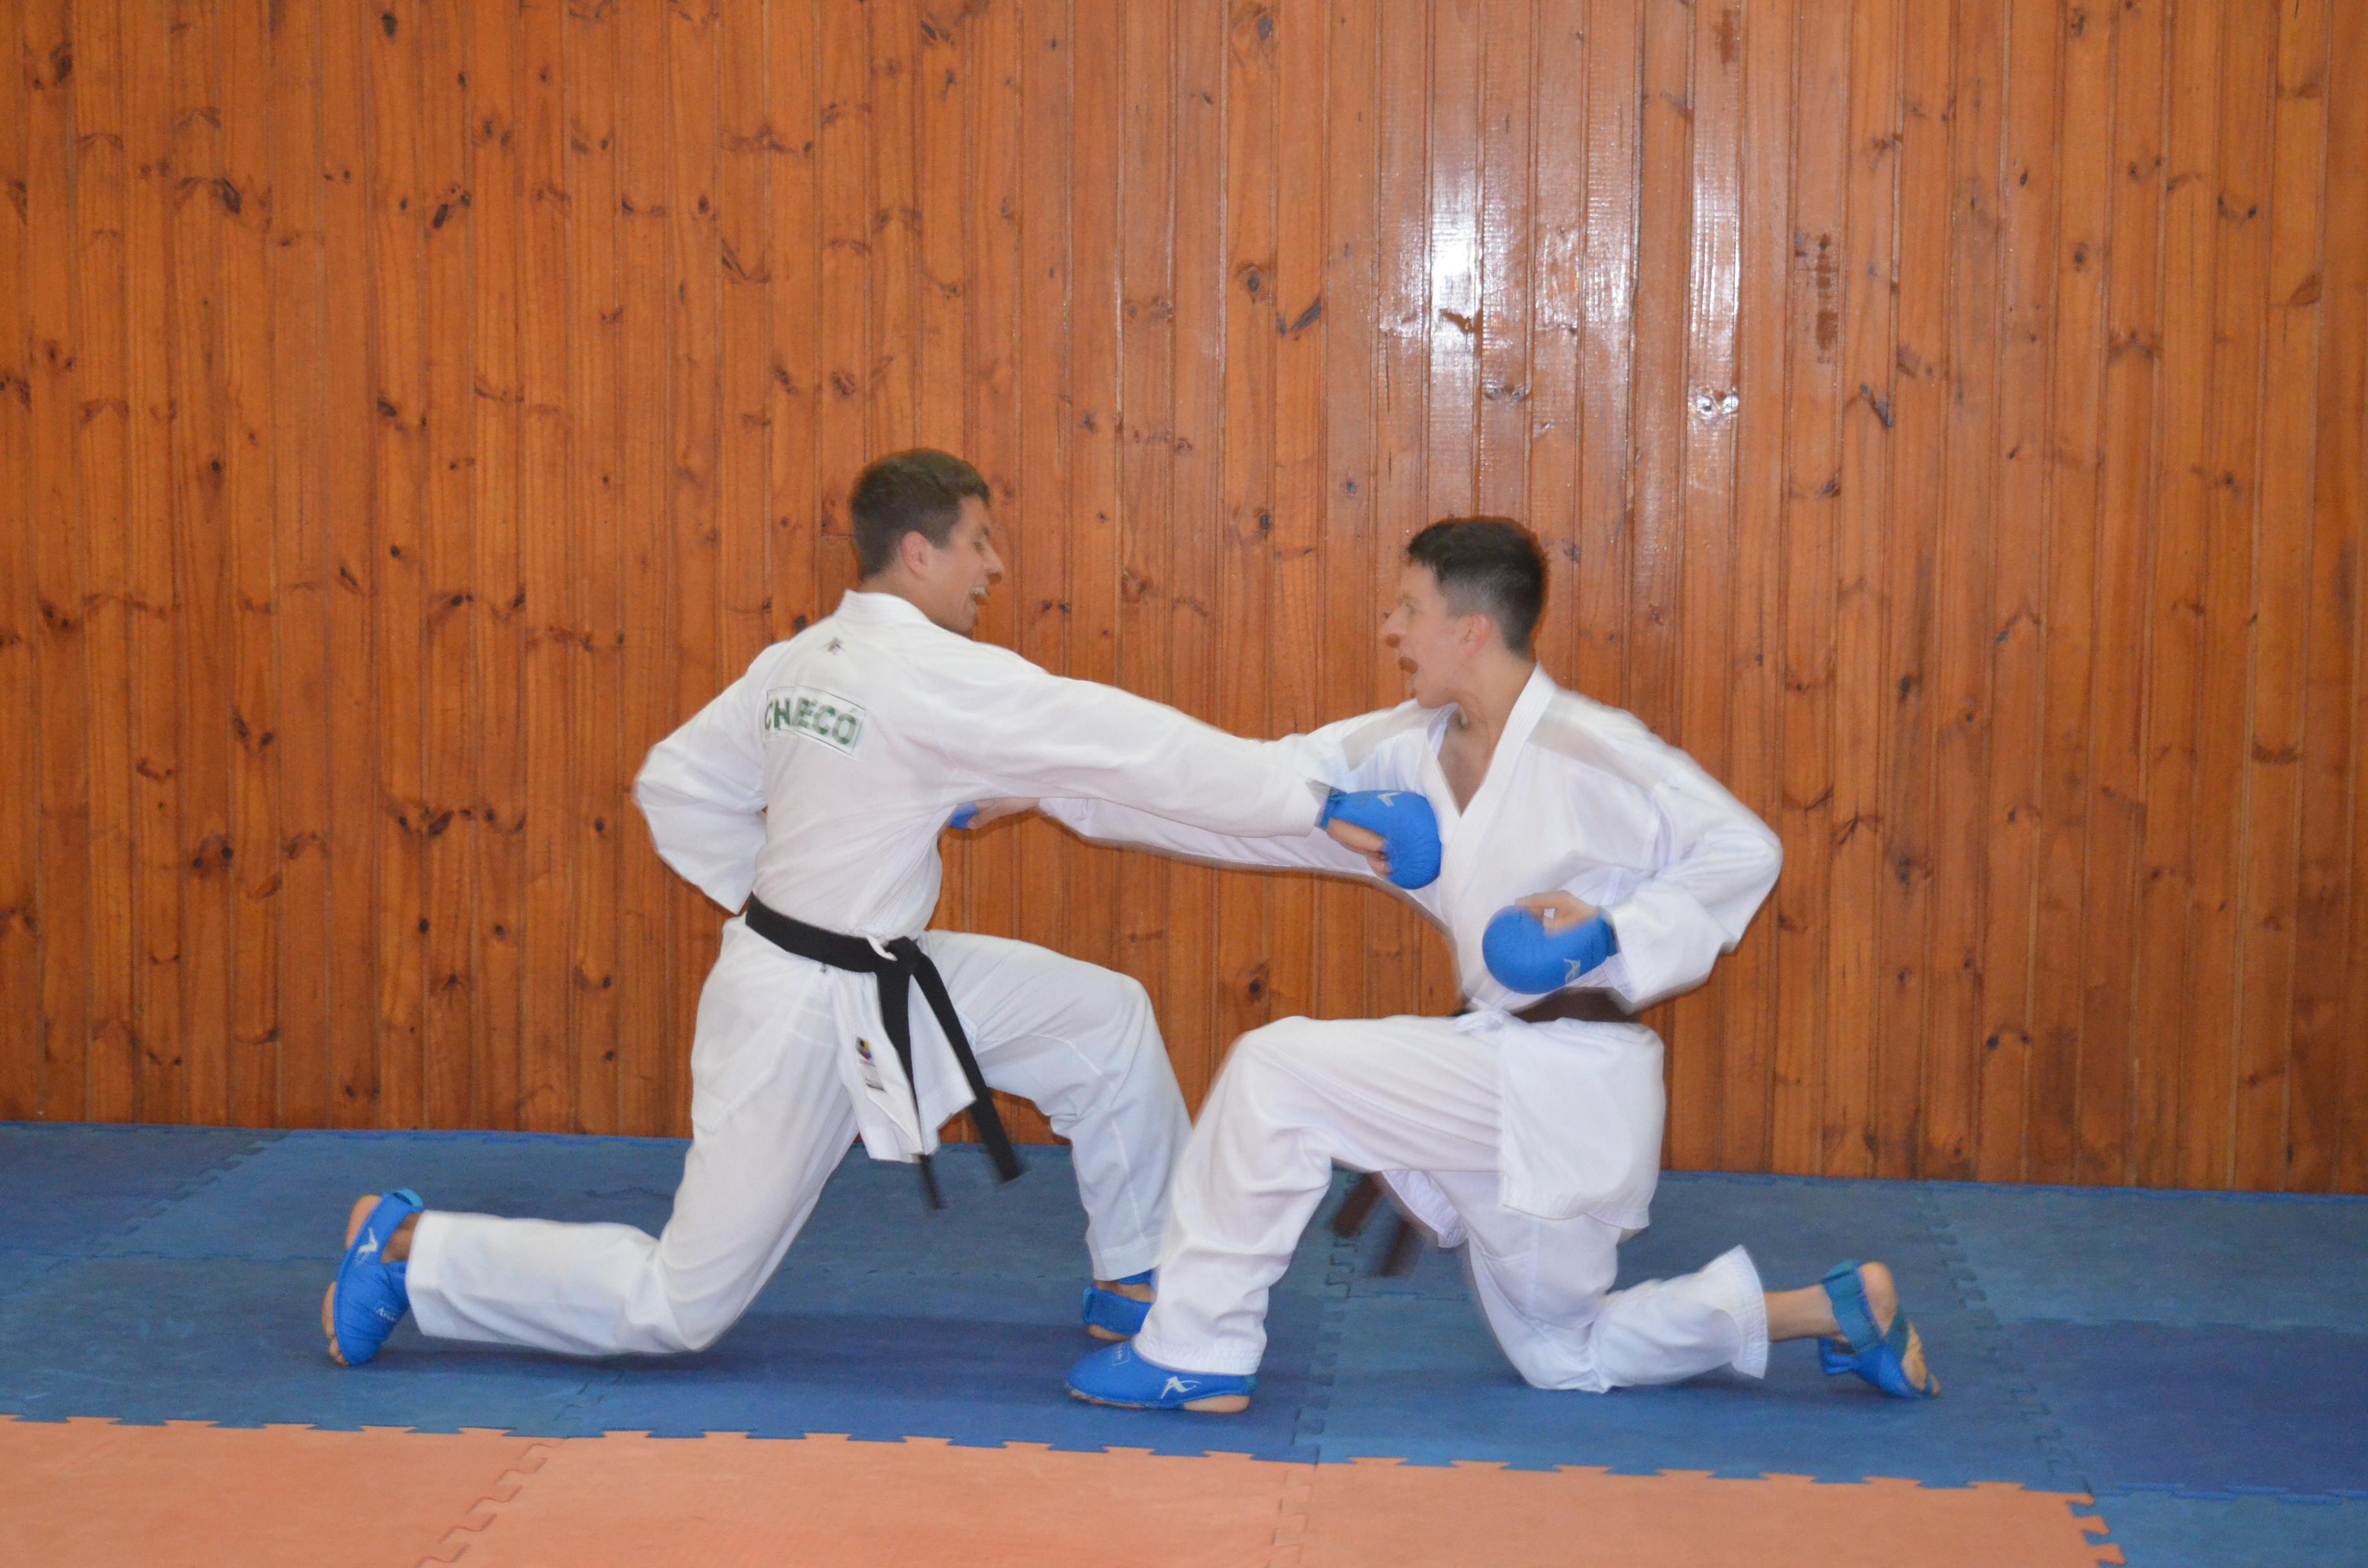 05b2d92c90 DI Online - Chapecó recebe eventos de karatê e taekwondo neste sábado